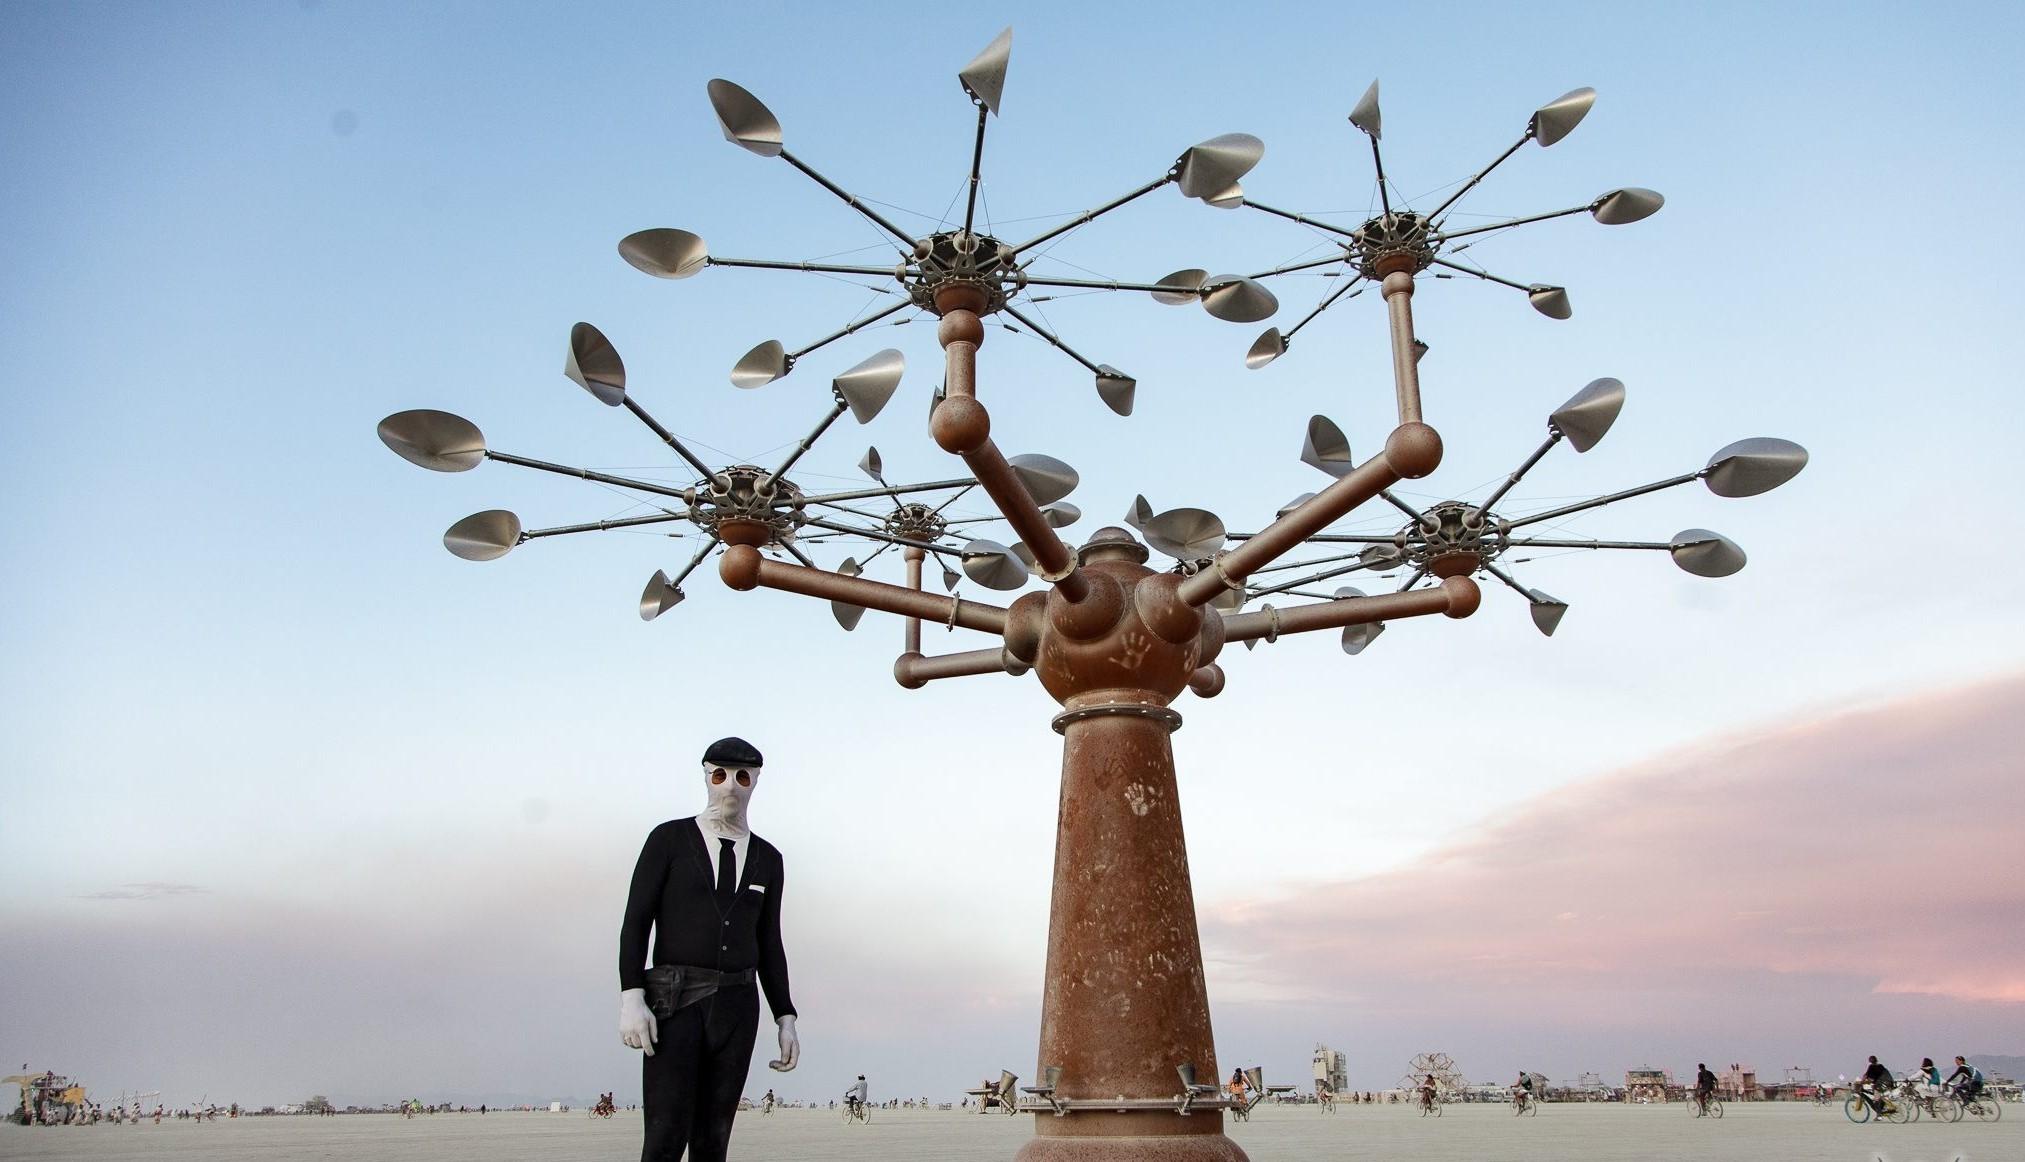 Burning Man. Foram vendidos bilhetes a um preço mais baixo — mas eram falsos